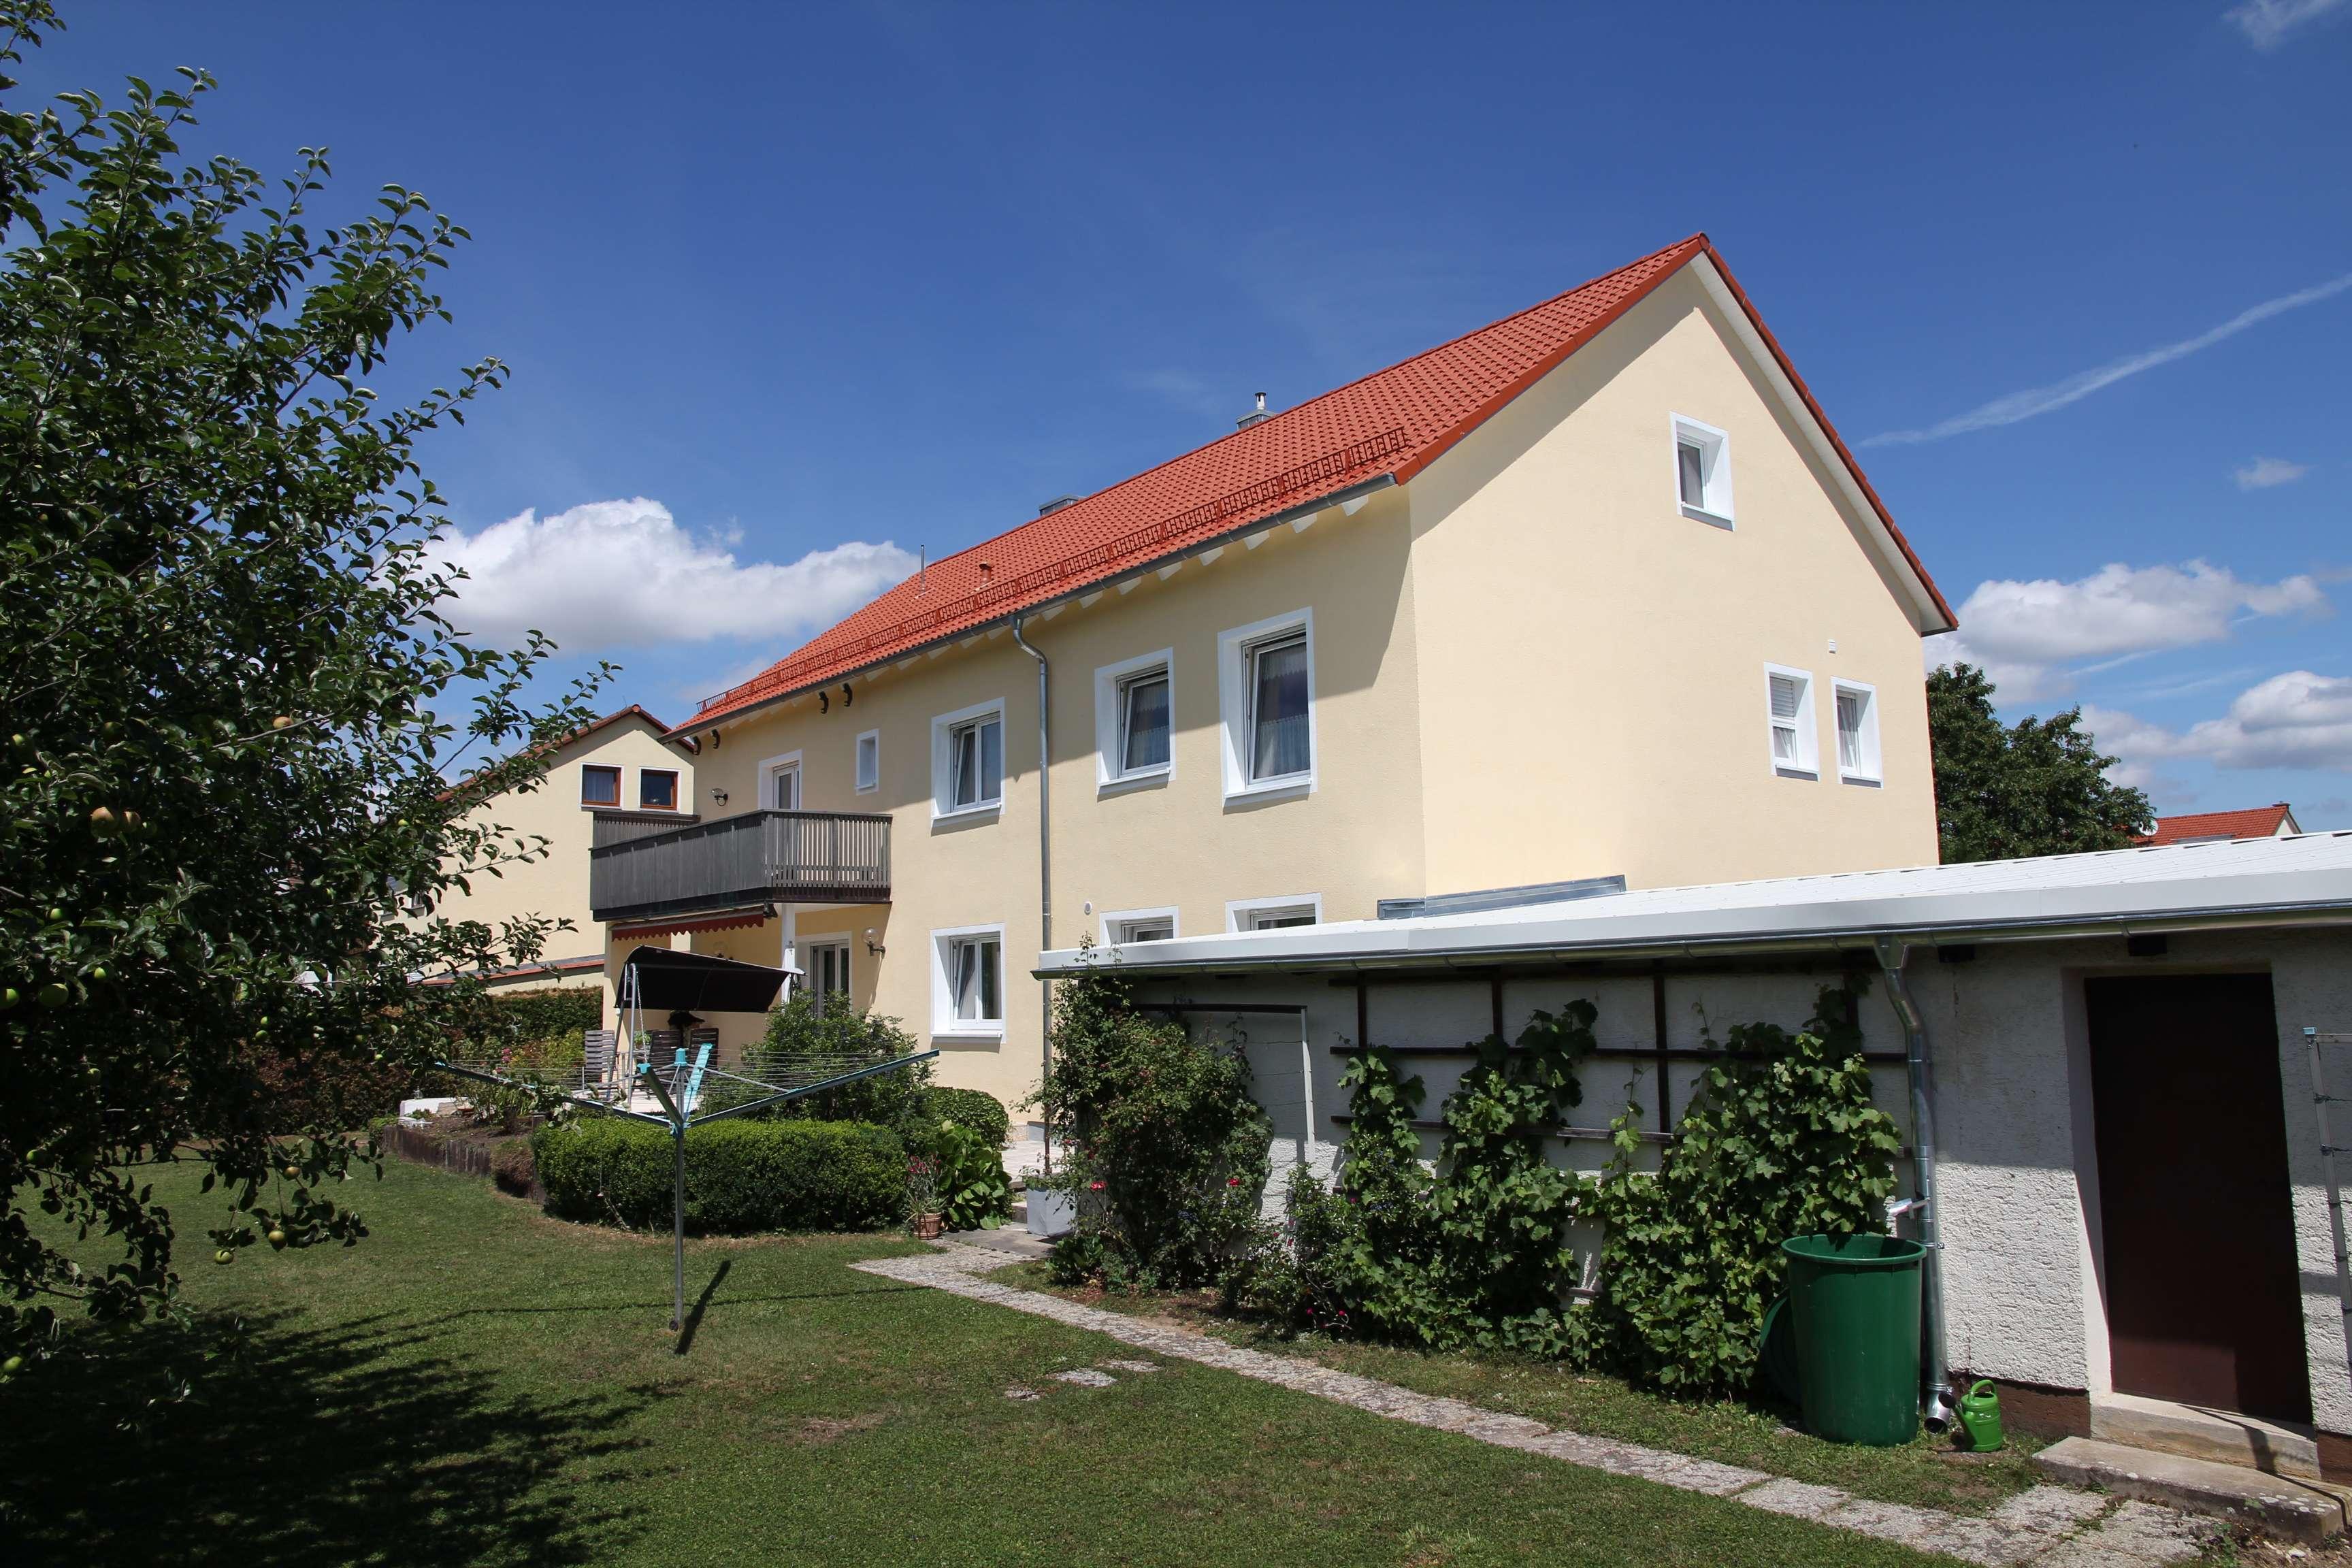 Sonnige, provisionsfreie 1 ½ Zimmerwohnung in Niedertraubling, Nähe Regensburg in